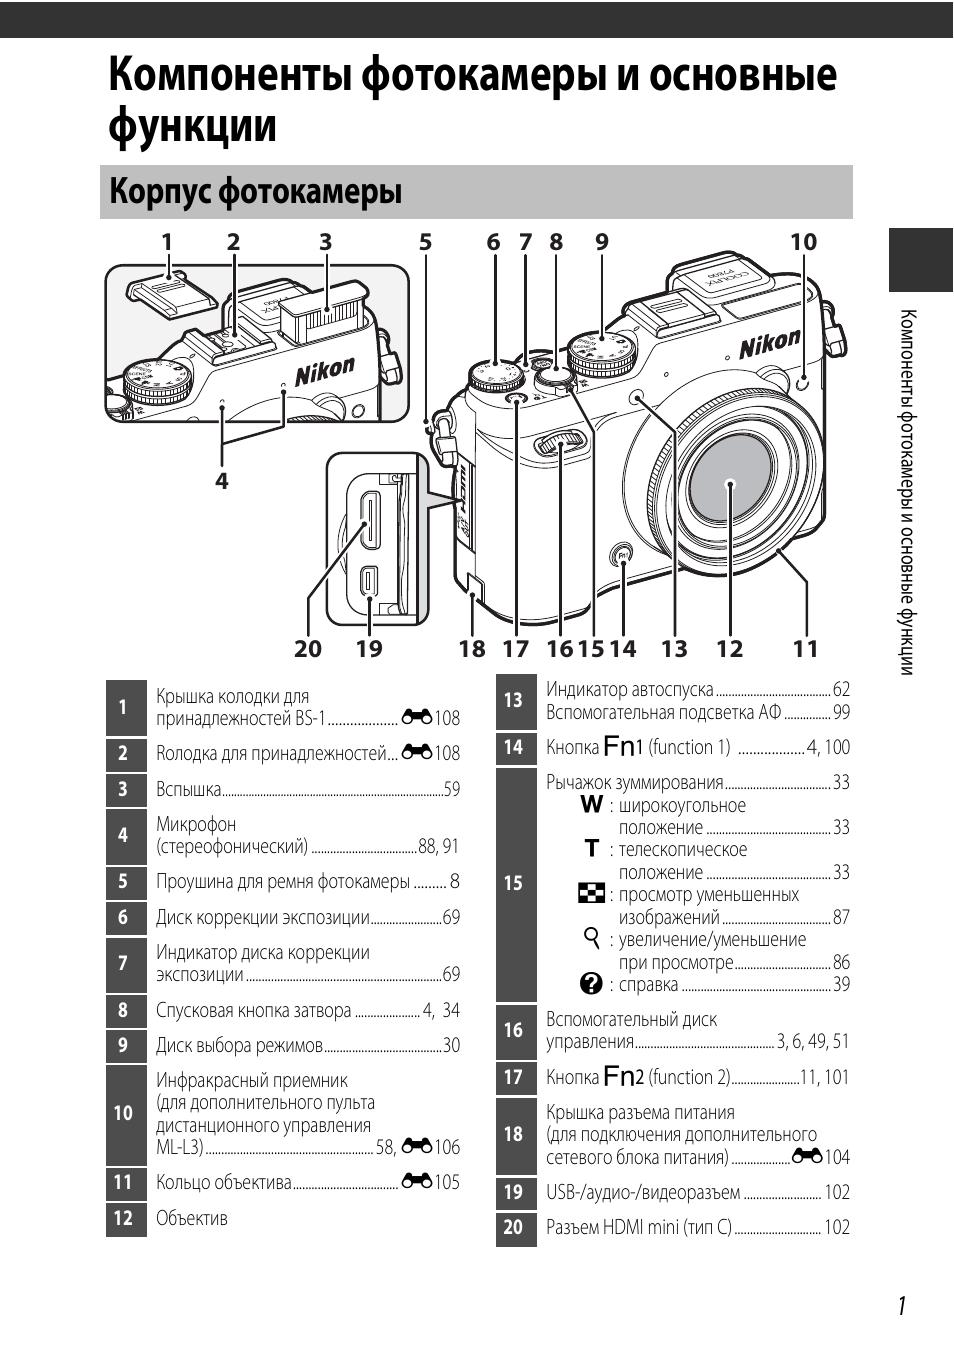 логично, инструкция по эксплуатации фотоаппарата никон позволяет